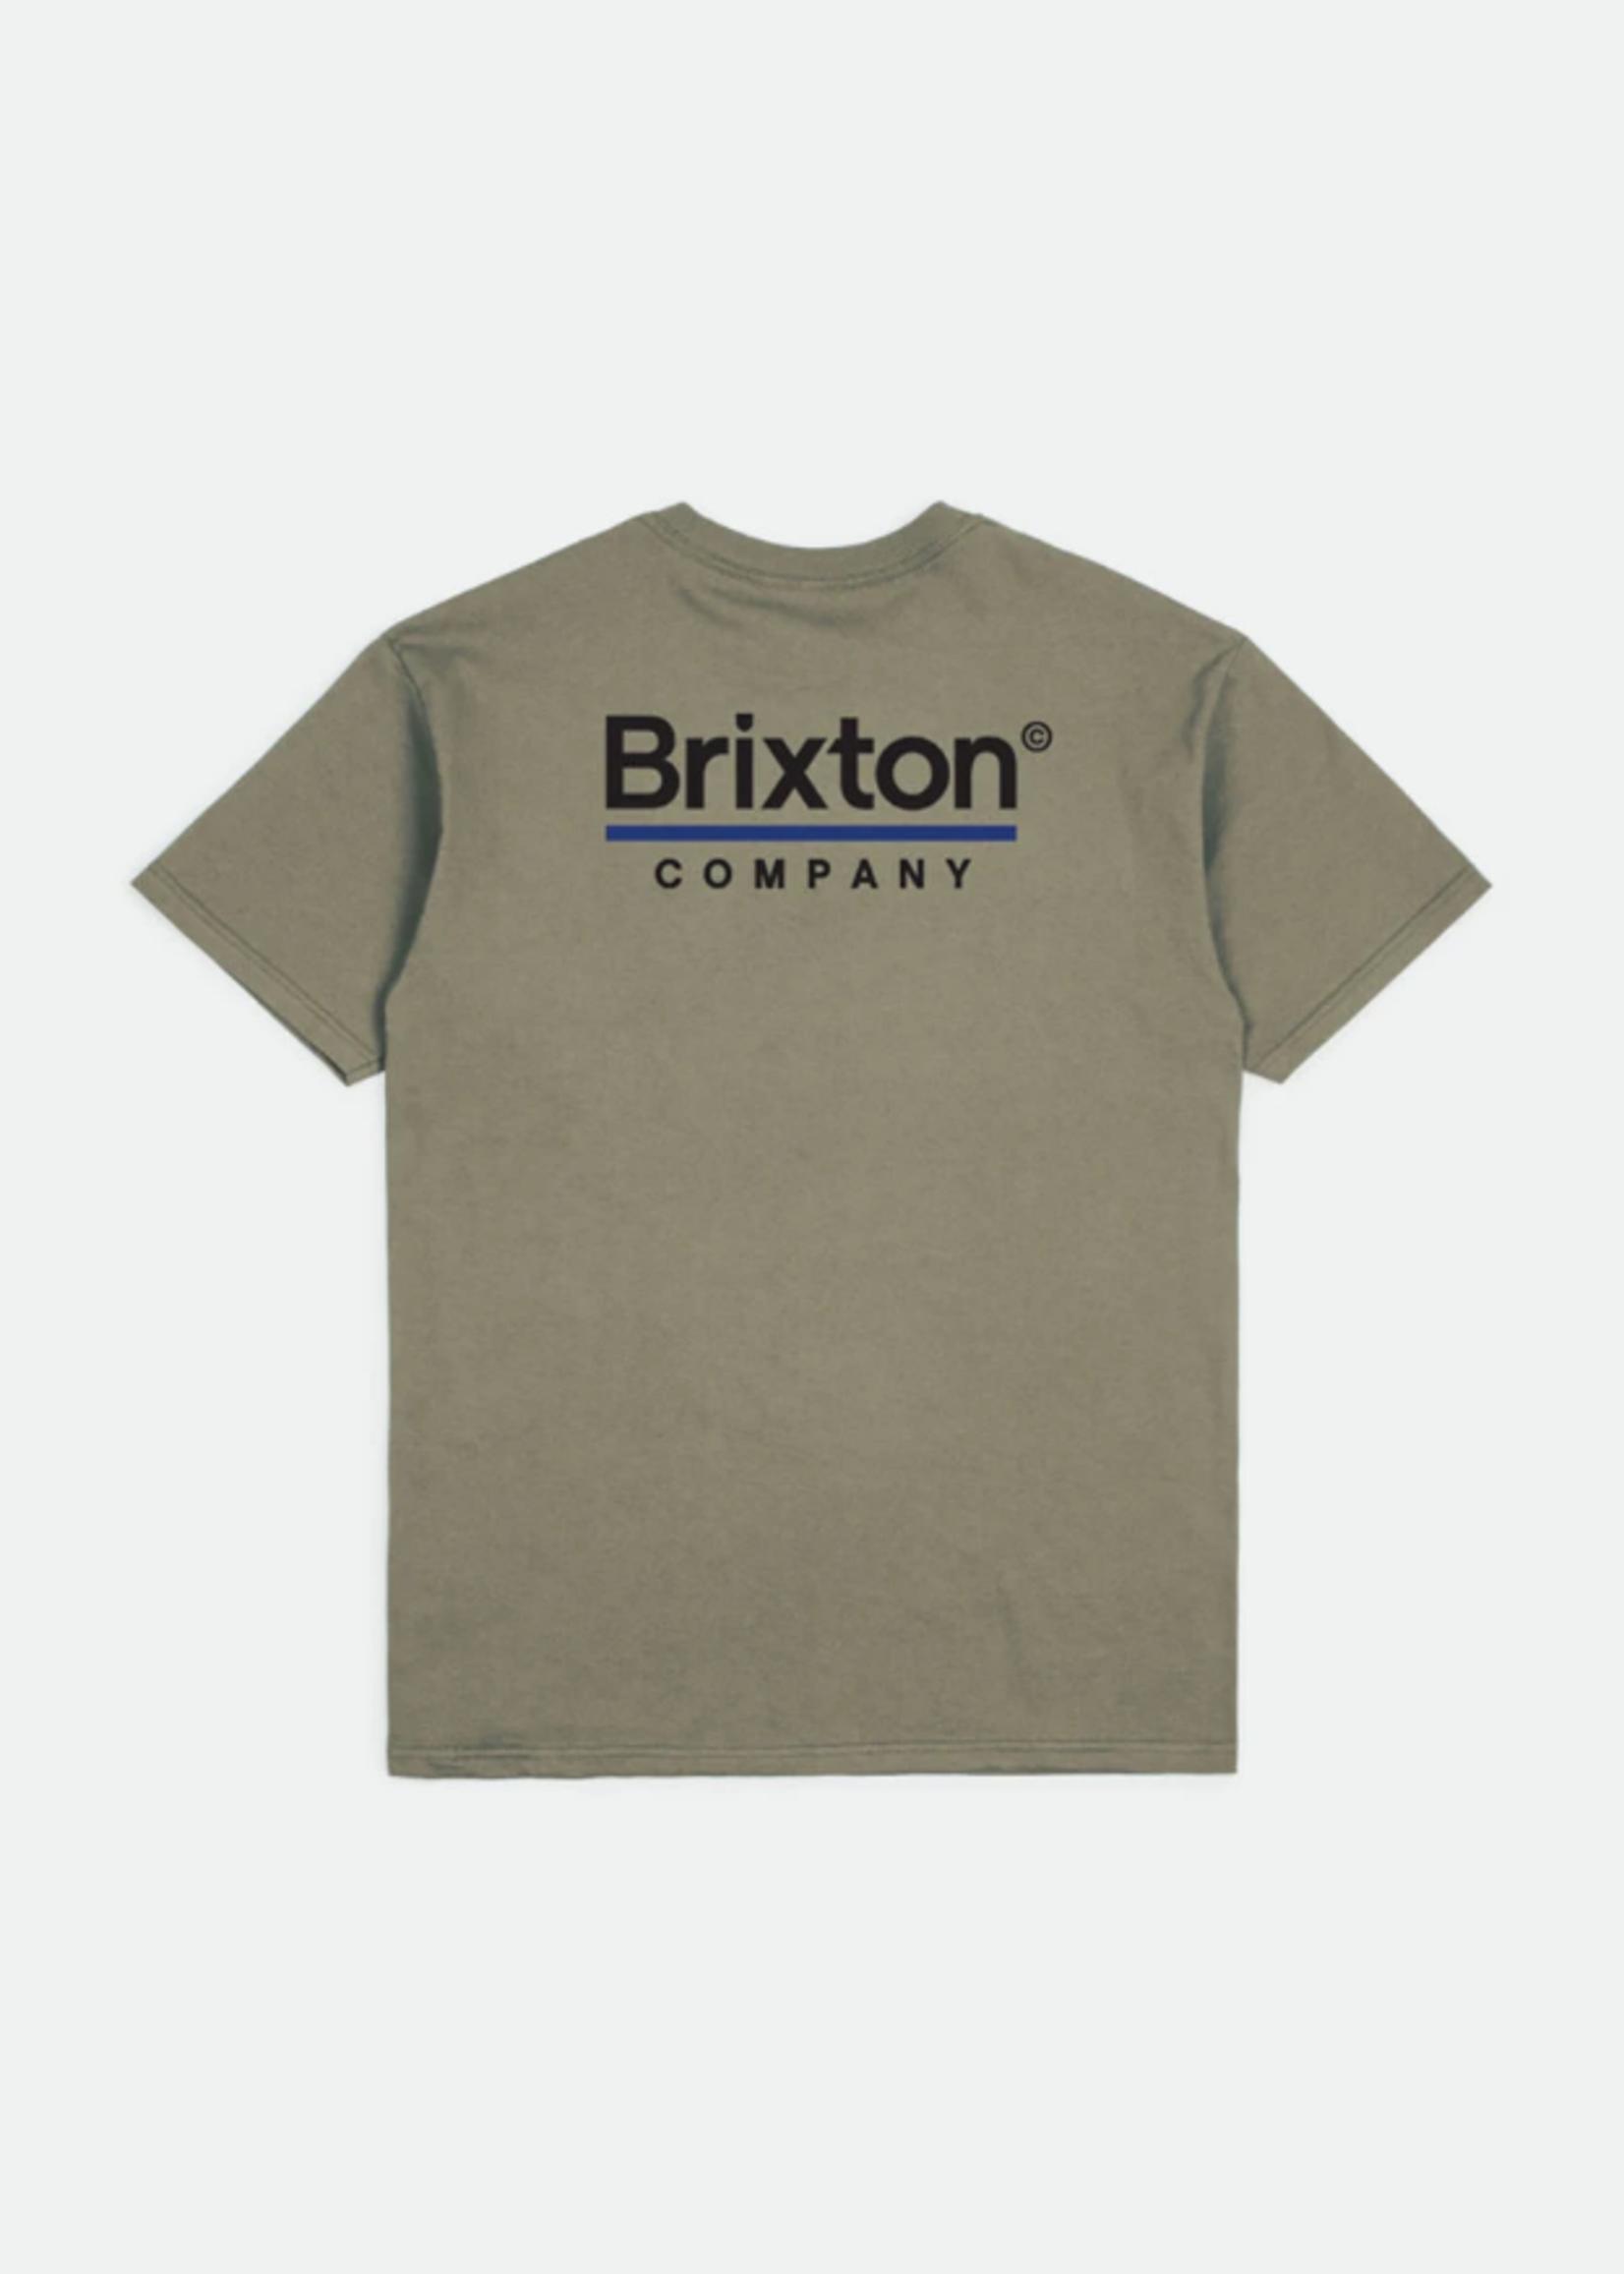 Brixton Palmer Line - Worn Olive